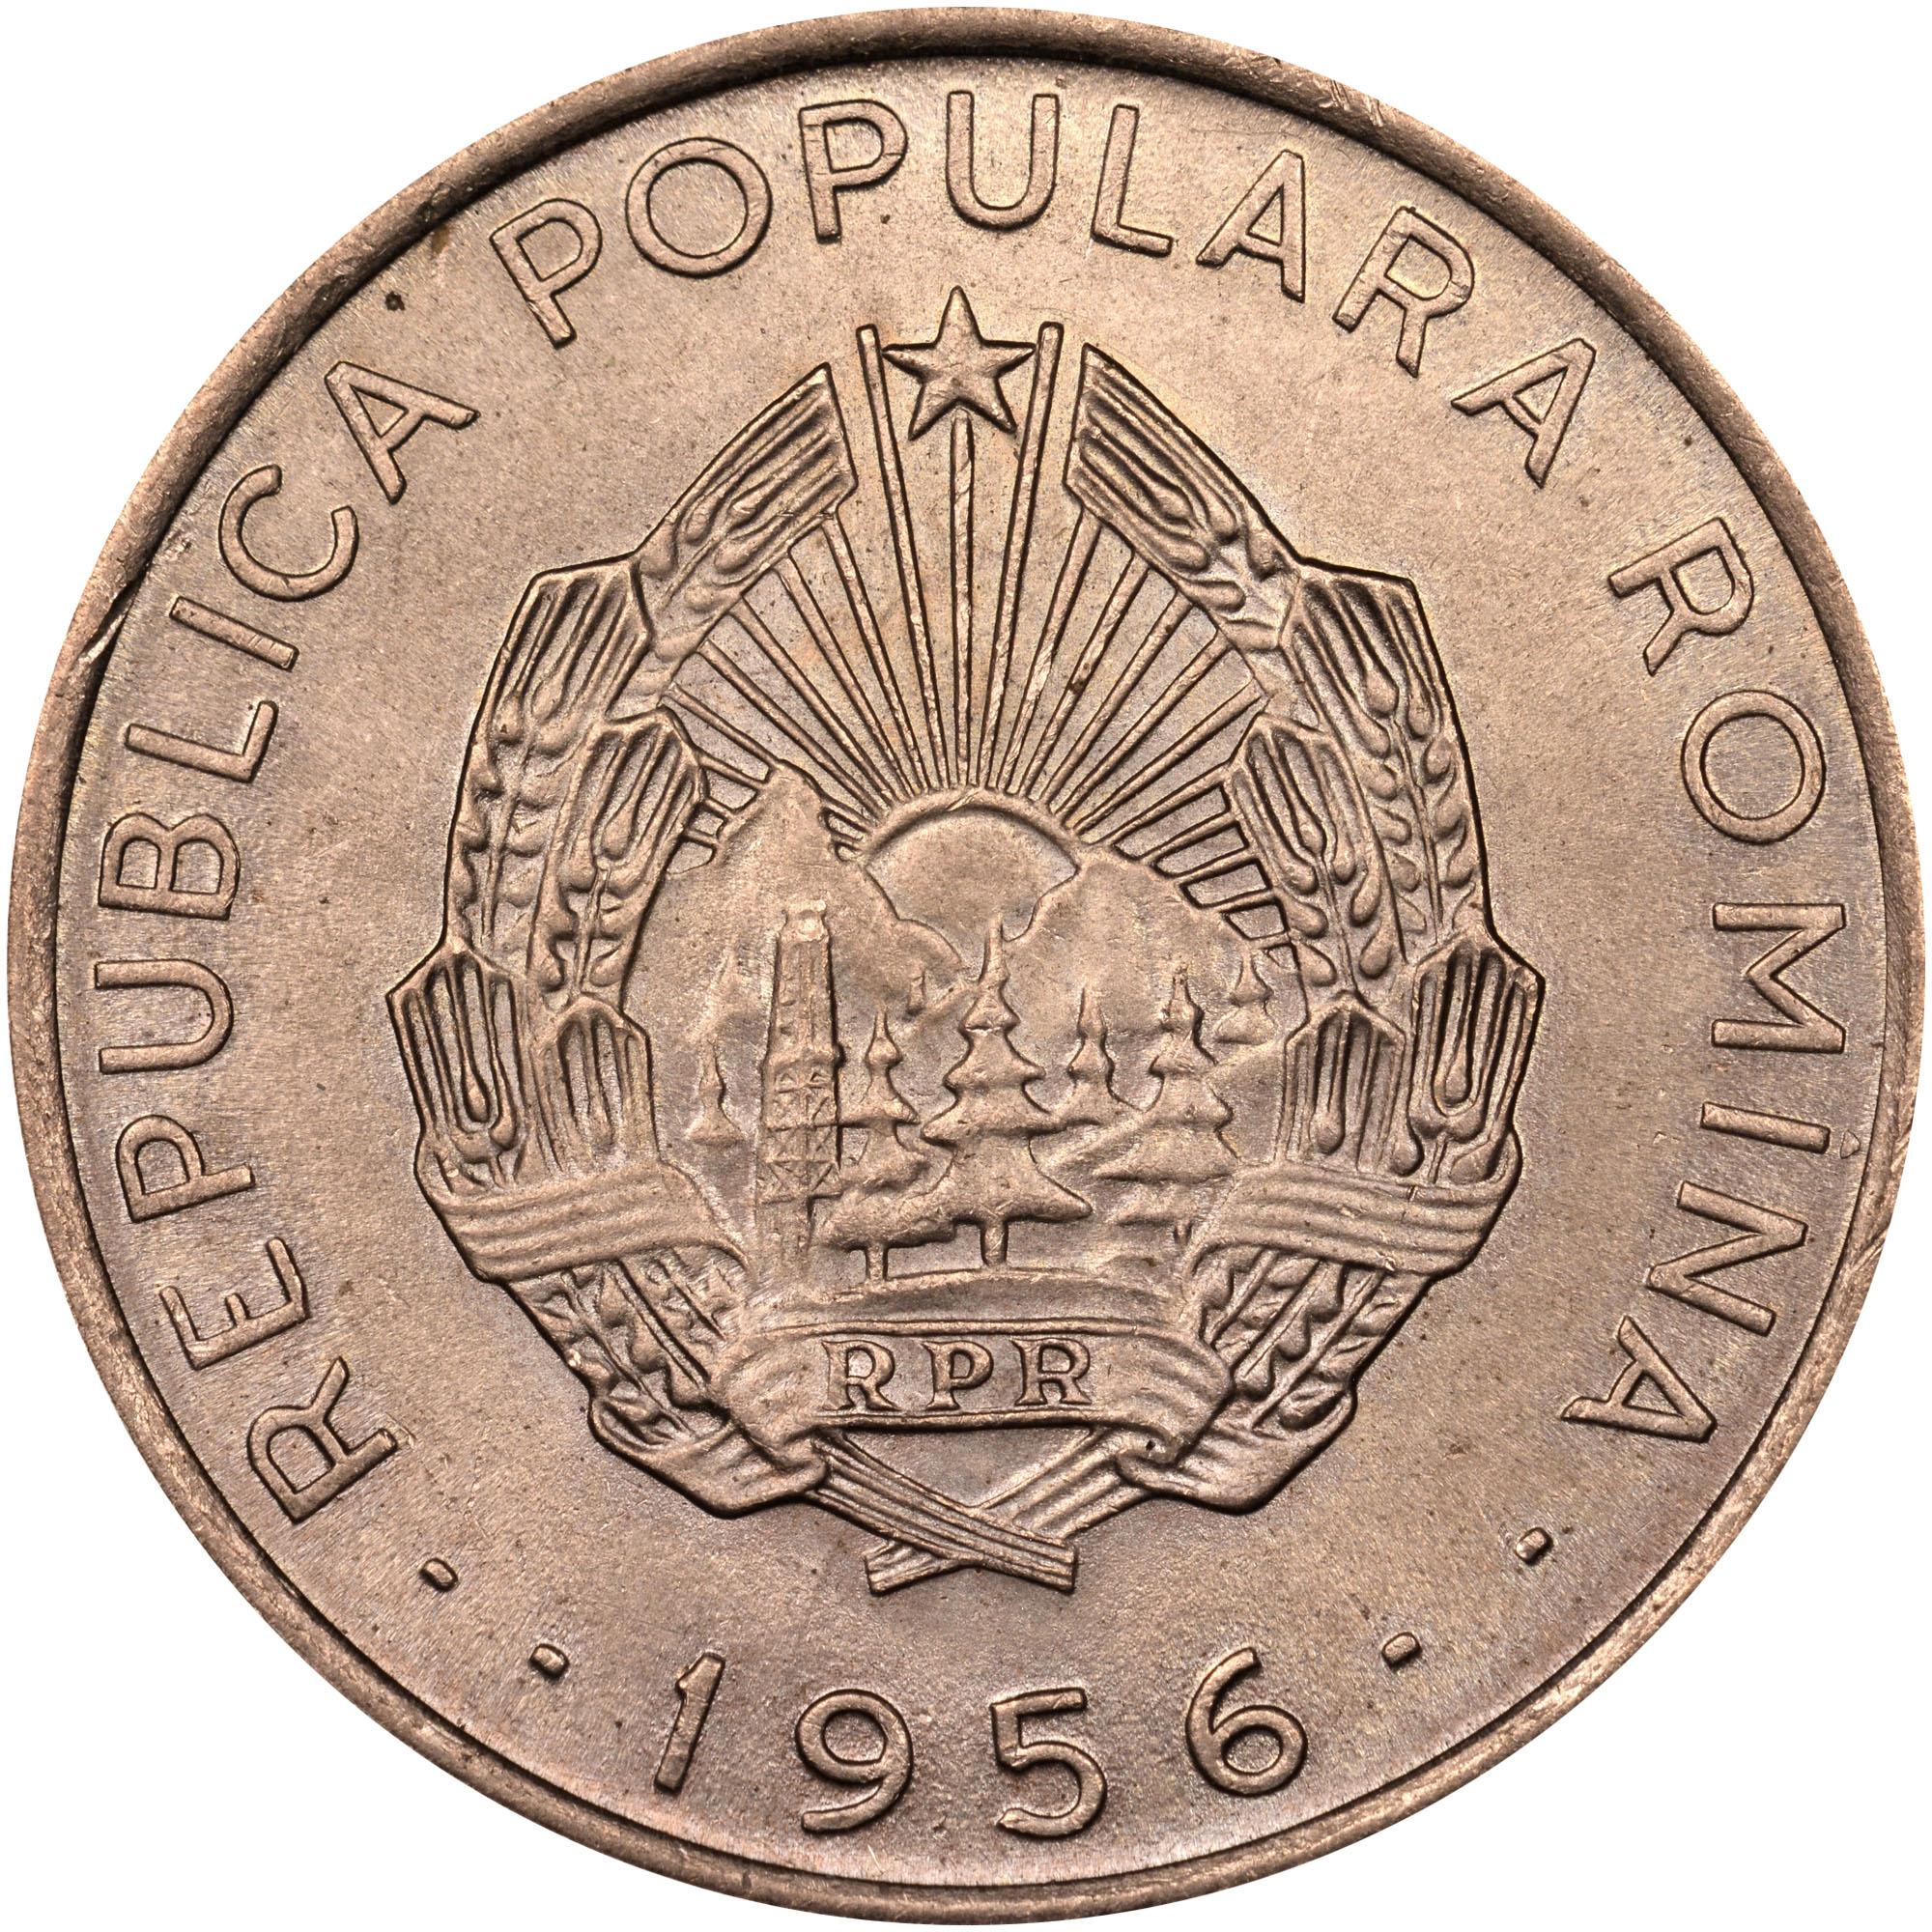 Romania 50 Bani obverse